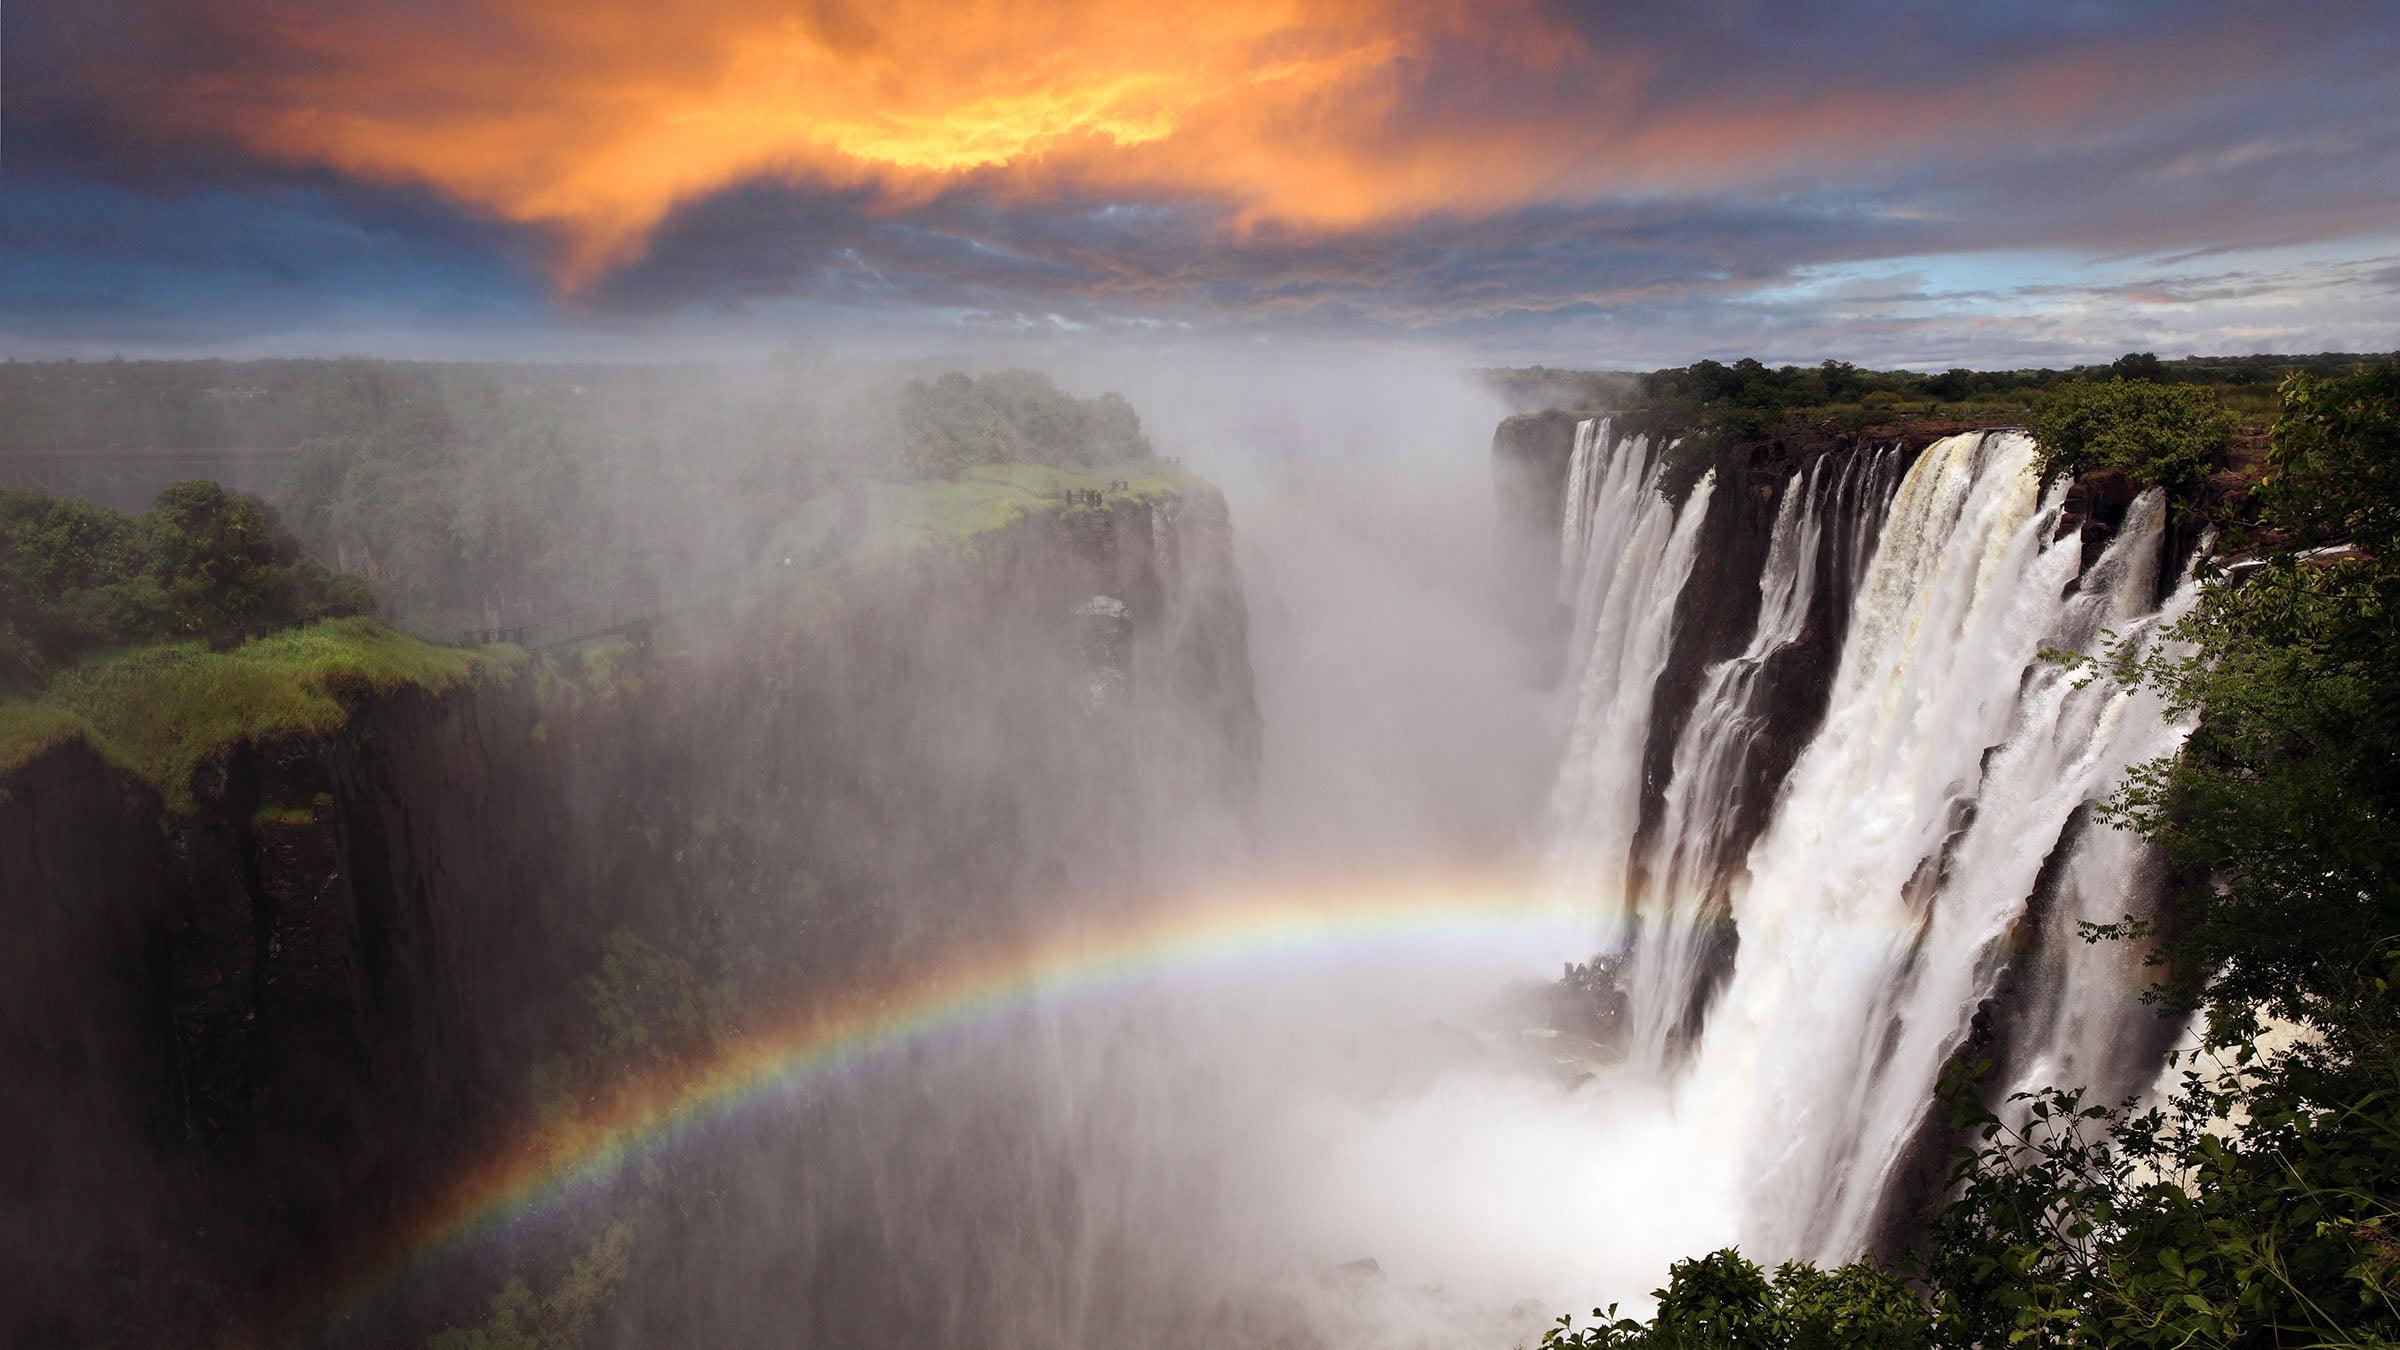 Las 7 maravillas naturales del mundo cataratas victoria